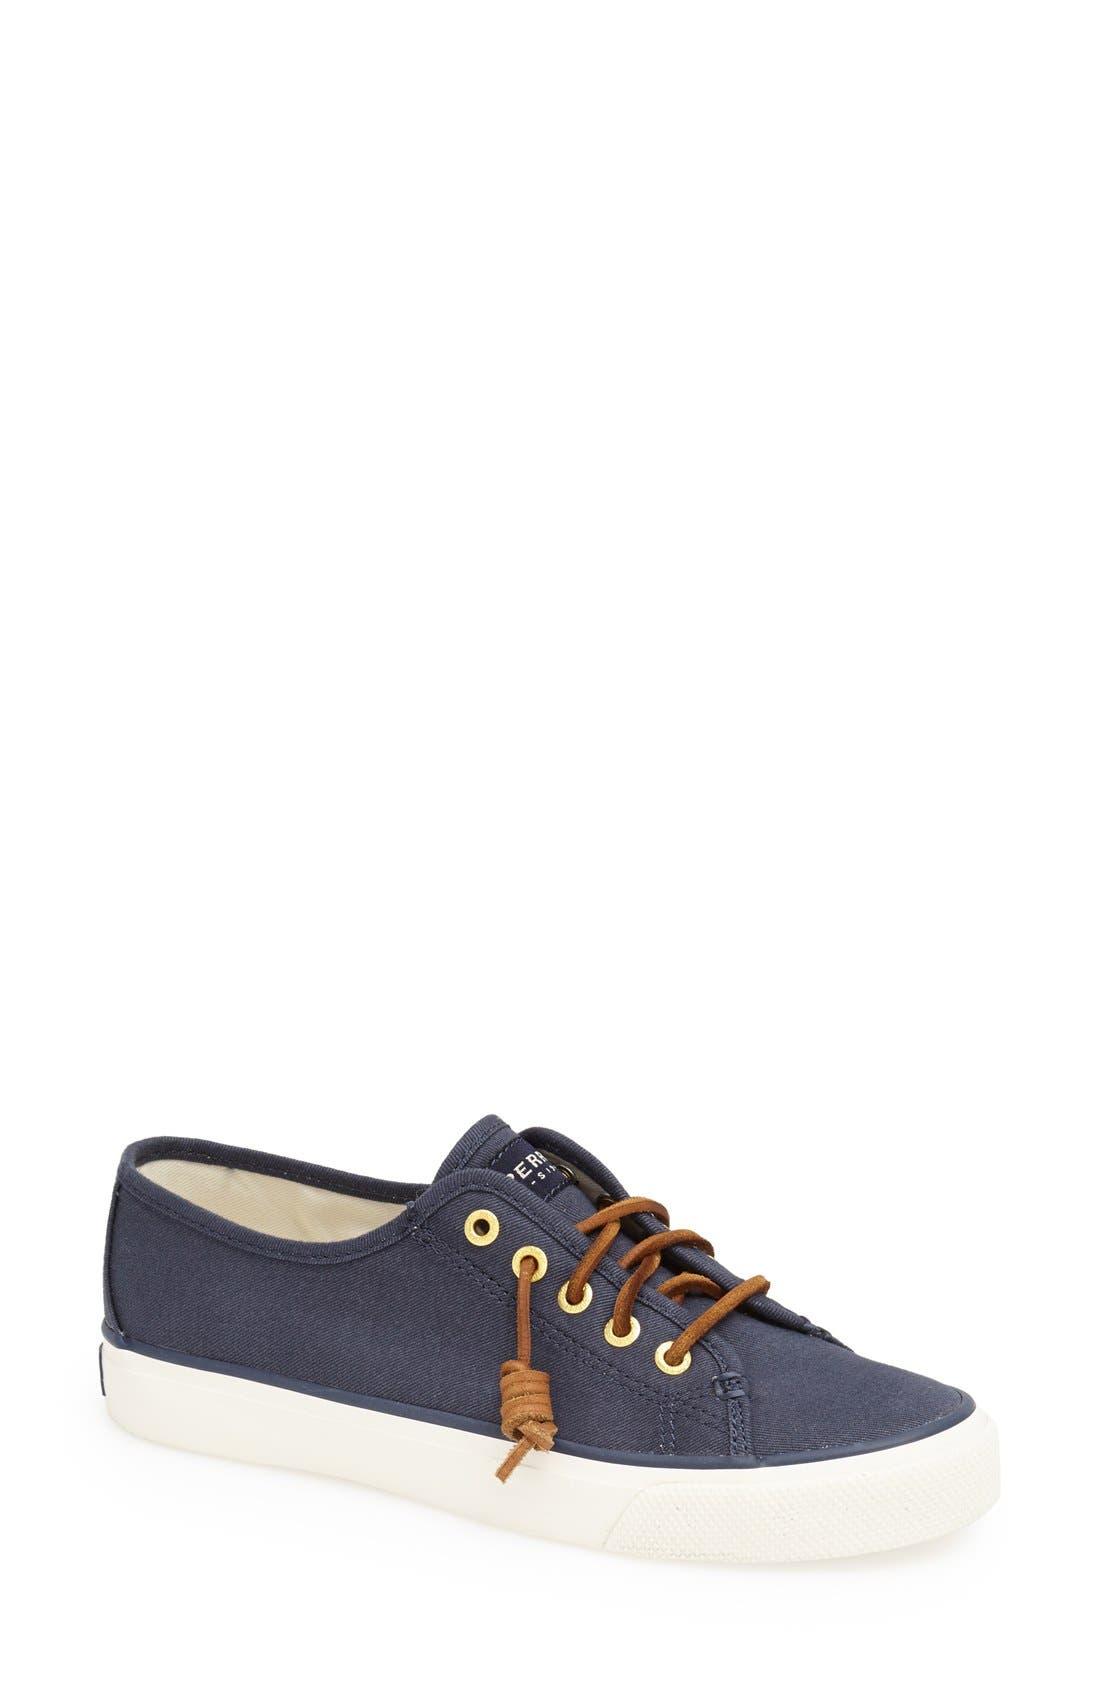 Main Image - Sperry 'Seacoast' Sneaker (Women)